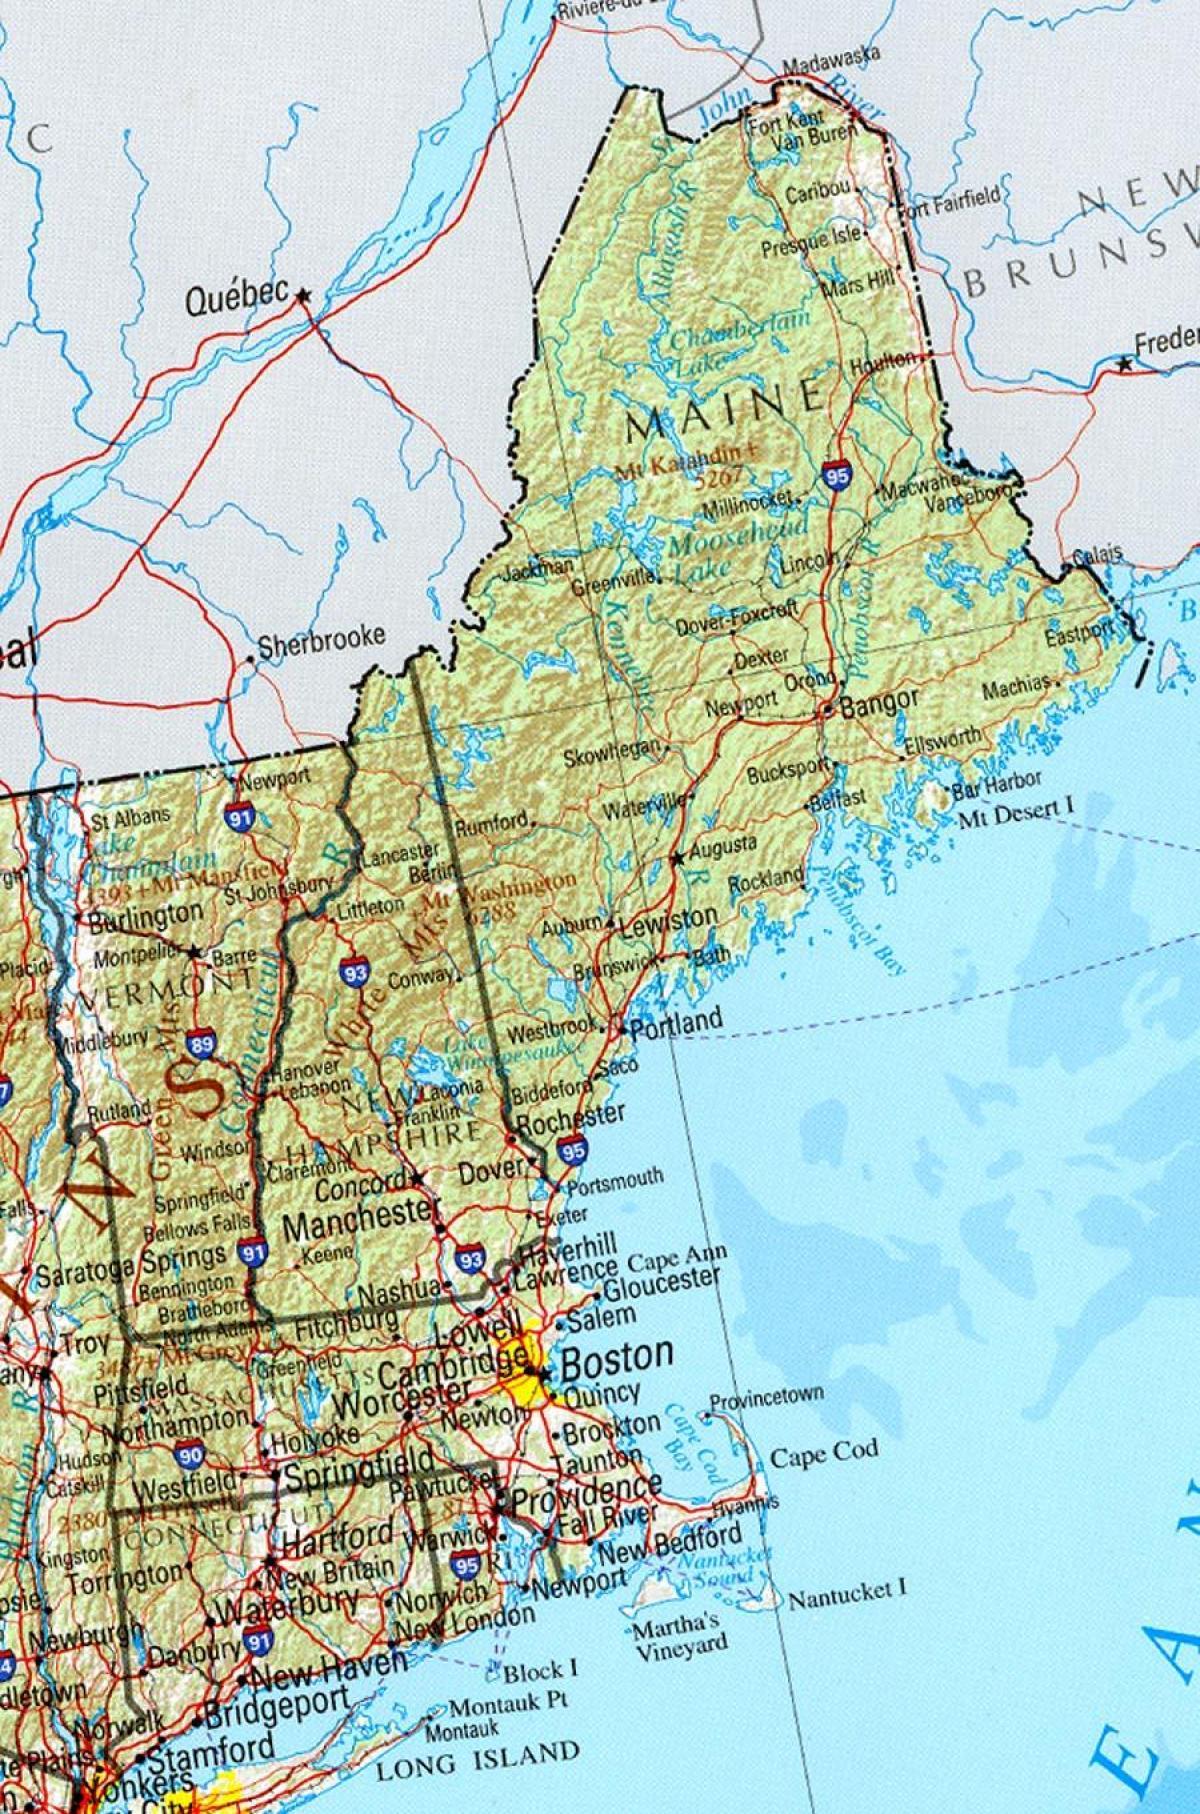 Wegenkaart Van Oost Ons Oosten Van De Usa Road Map Noord